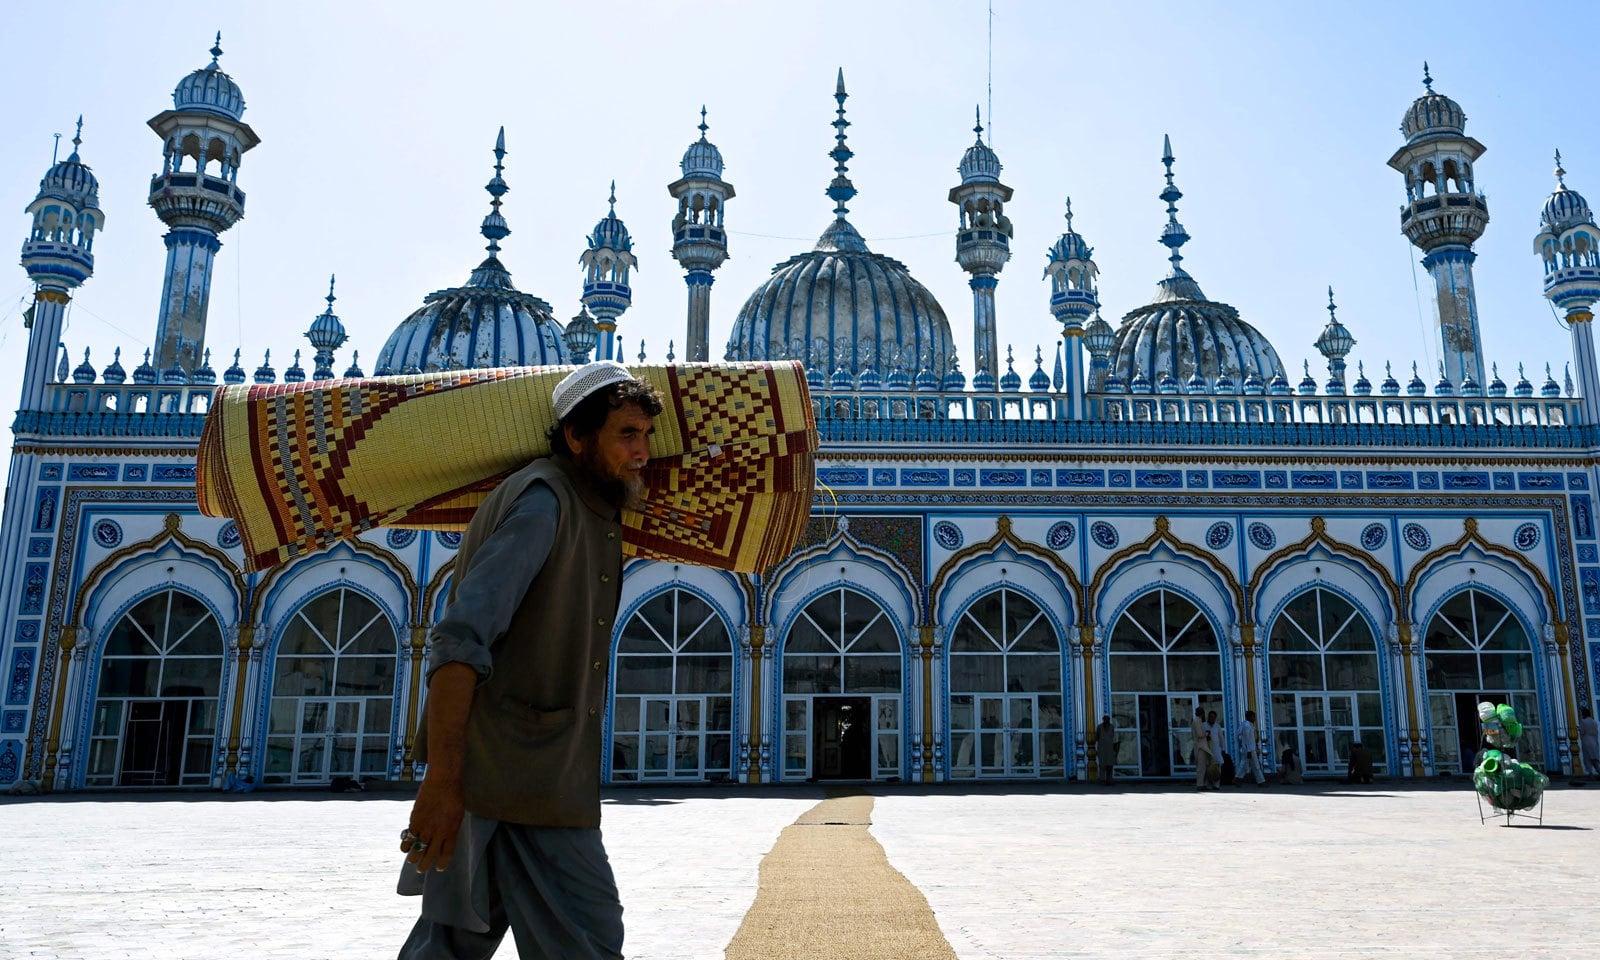 راولپنڈی کی ایک مسجد میں نماز تراویح کی تیاریاں کی جارہی ہیں — فوٹو: اے ایف پی